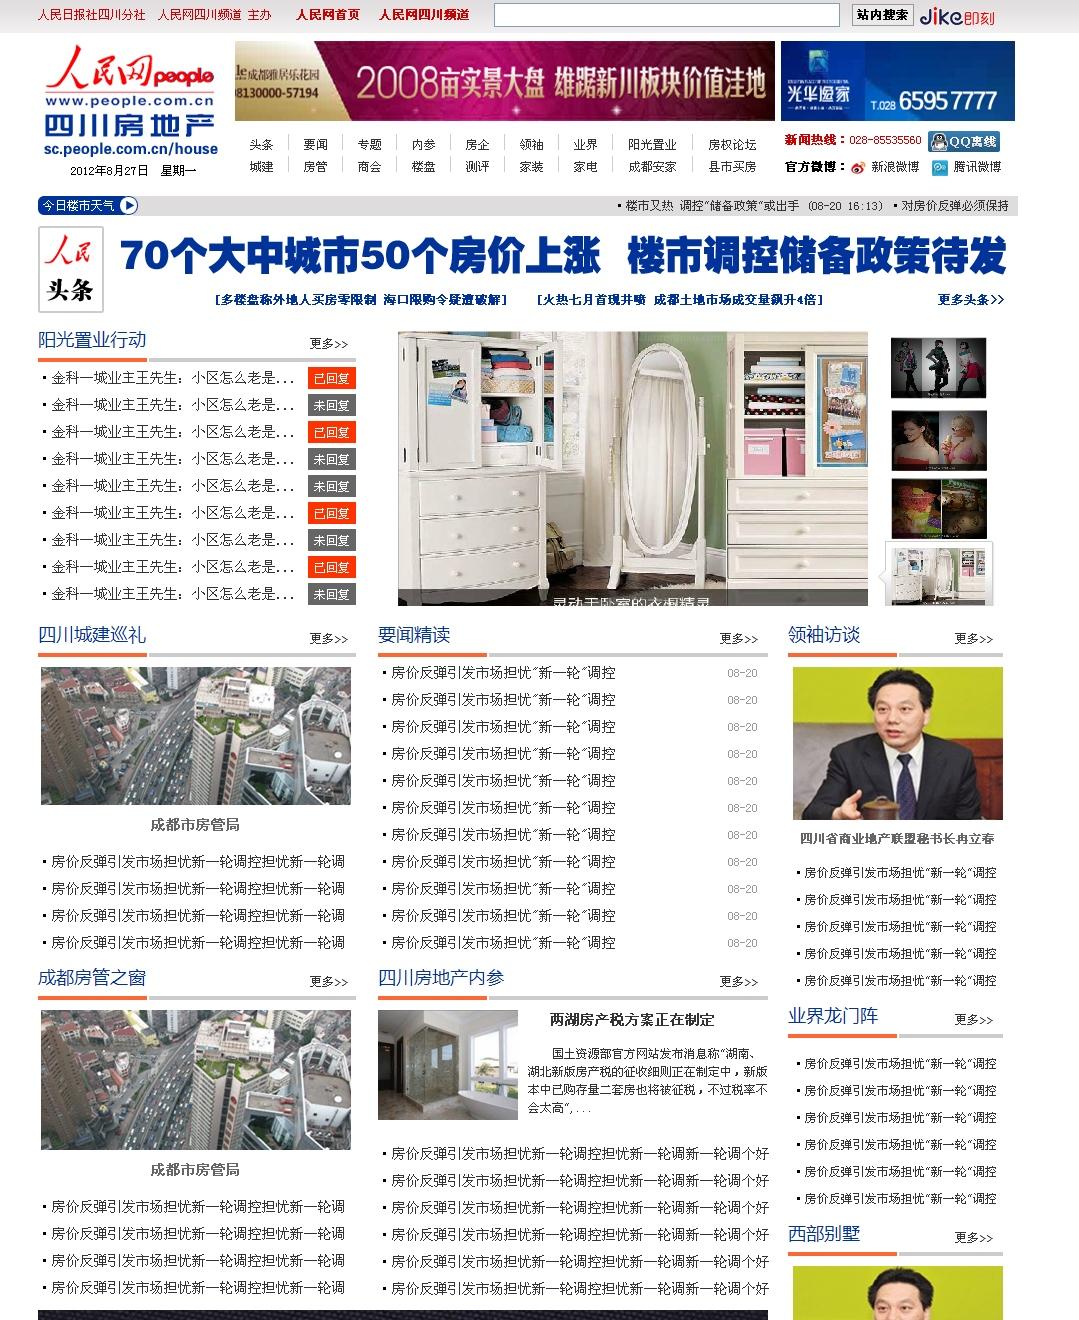 人民网四川房地产频道